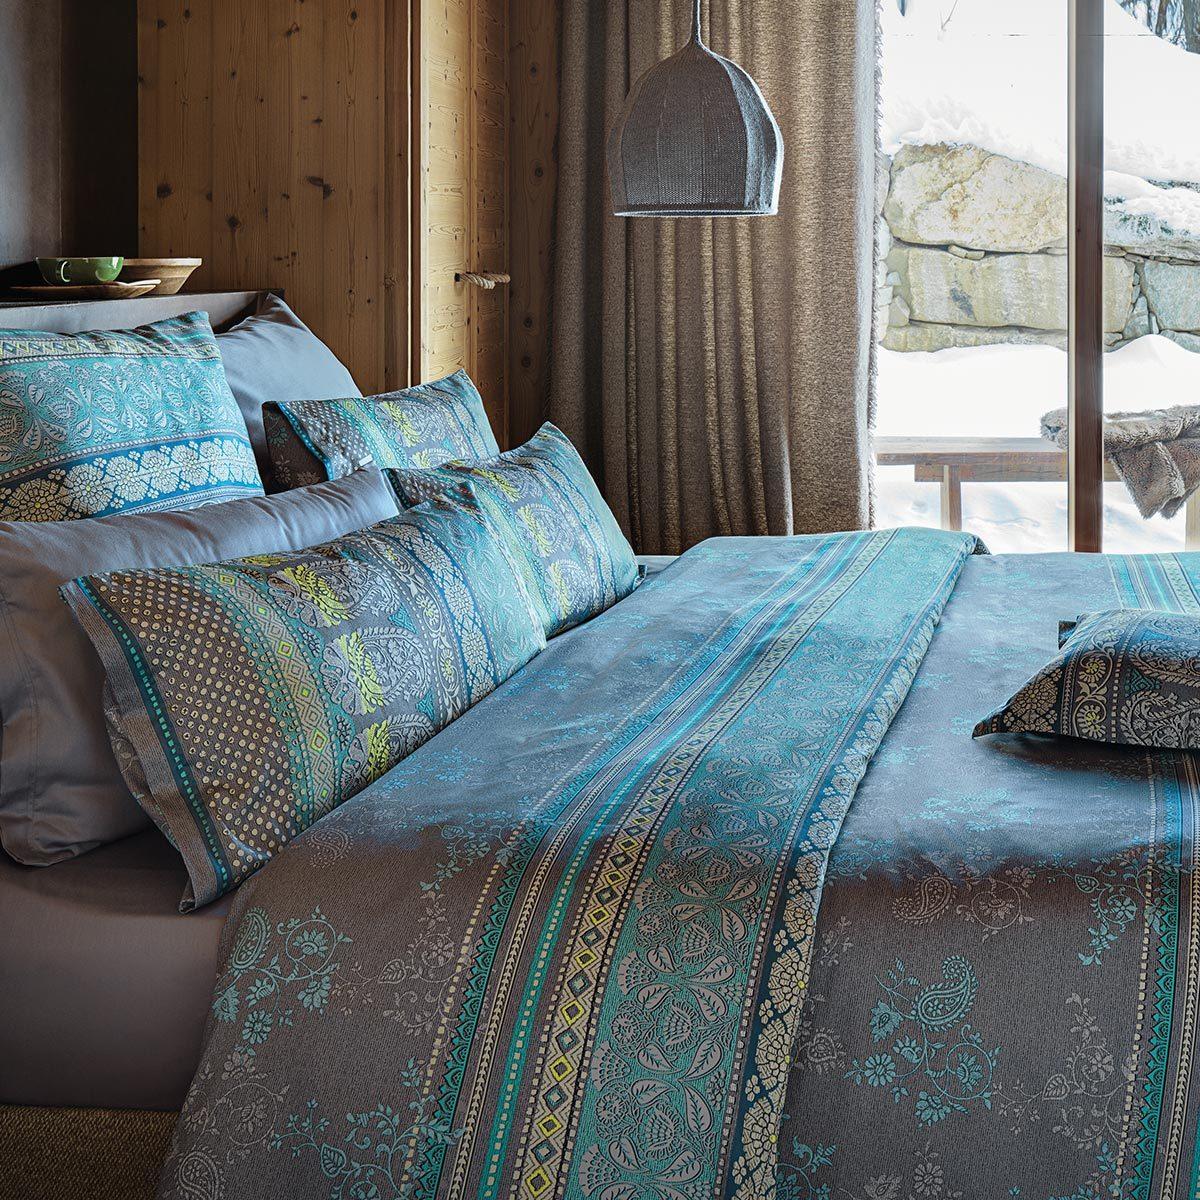 bassetti mako satin bettw sche monte rosa v7 g nstig online kaufen bei bettwaren shop. Black Bedroom Furniture Sets. Home Design Ideas